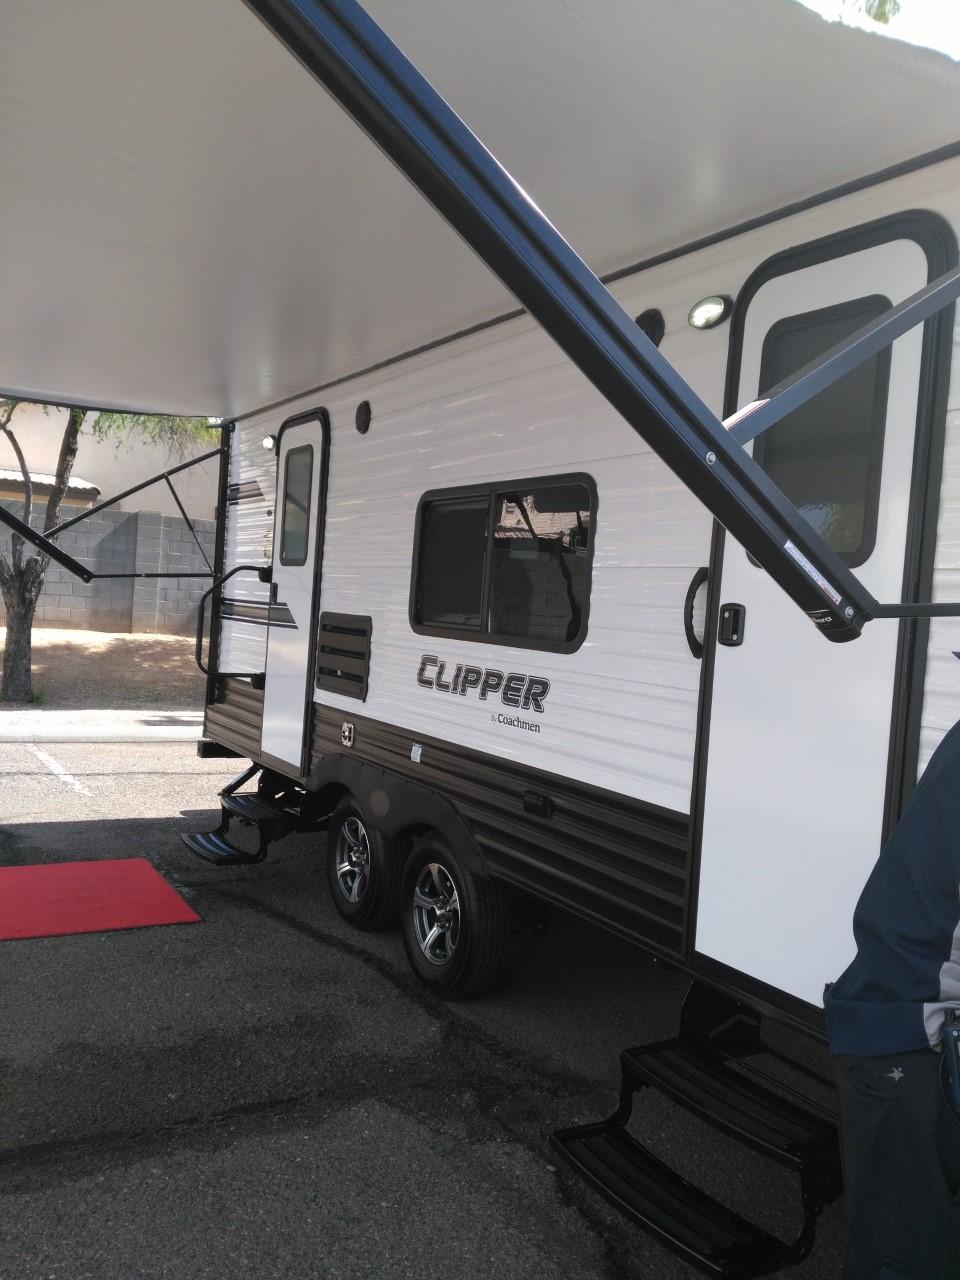 Sun Shade. Coachmen Ultralite Clipper 21FQS 2019